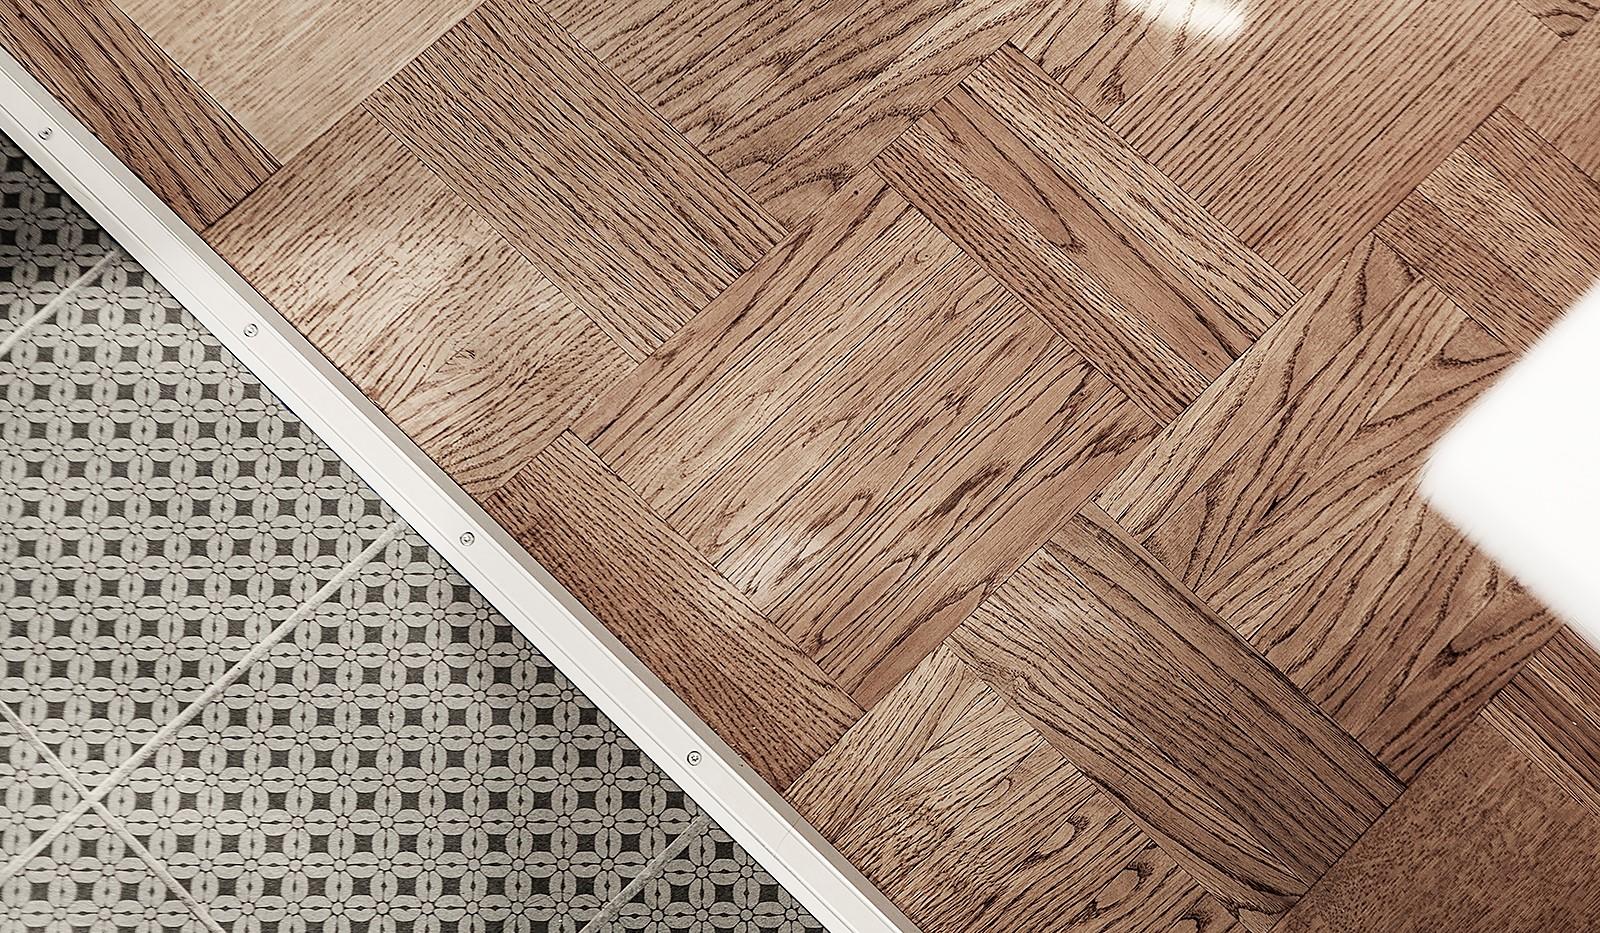 Kolbäcksgränd 28, 2 tr - Fina golv med mönstrad klinker i kök samt vackert parkettgolv i allrummet